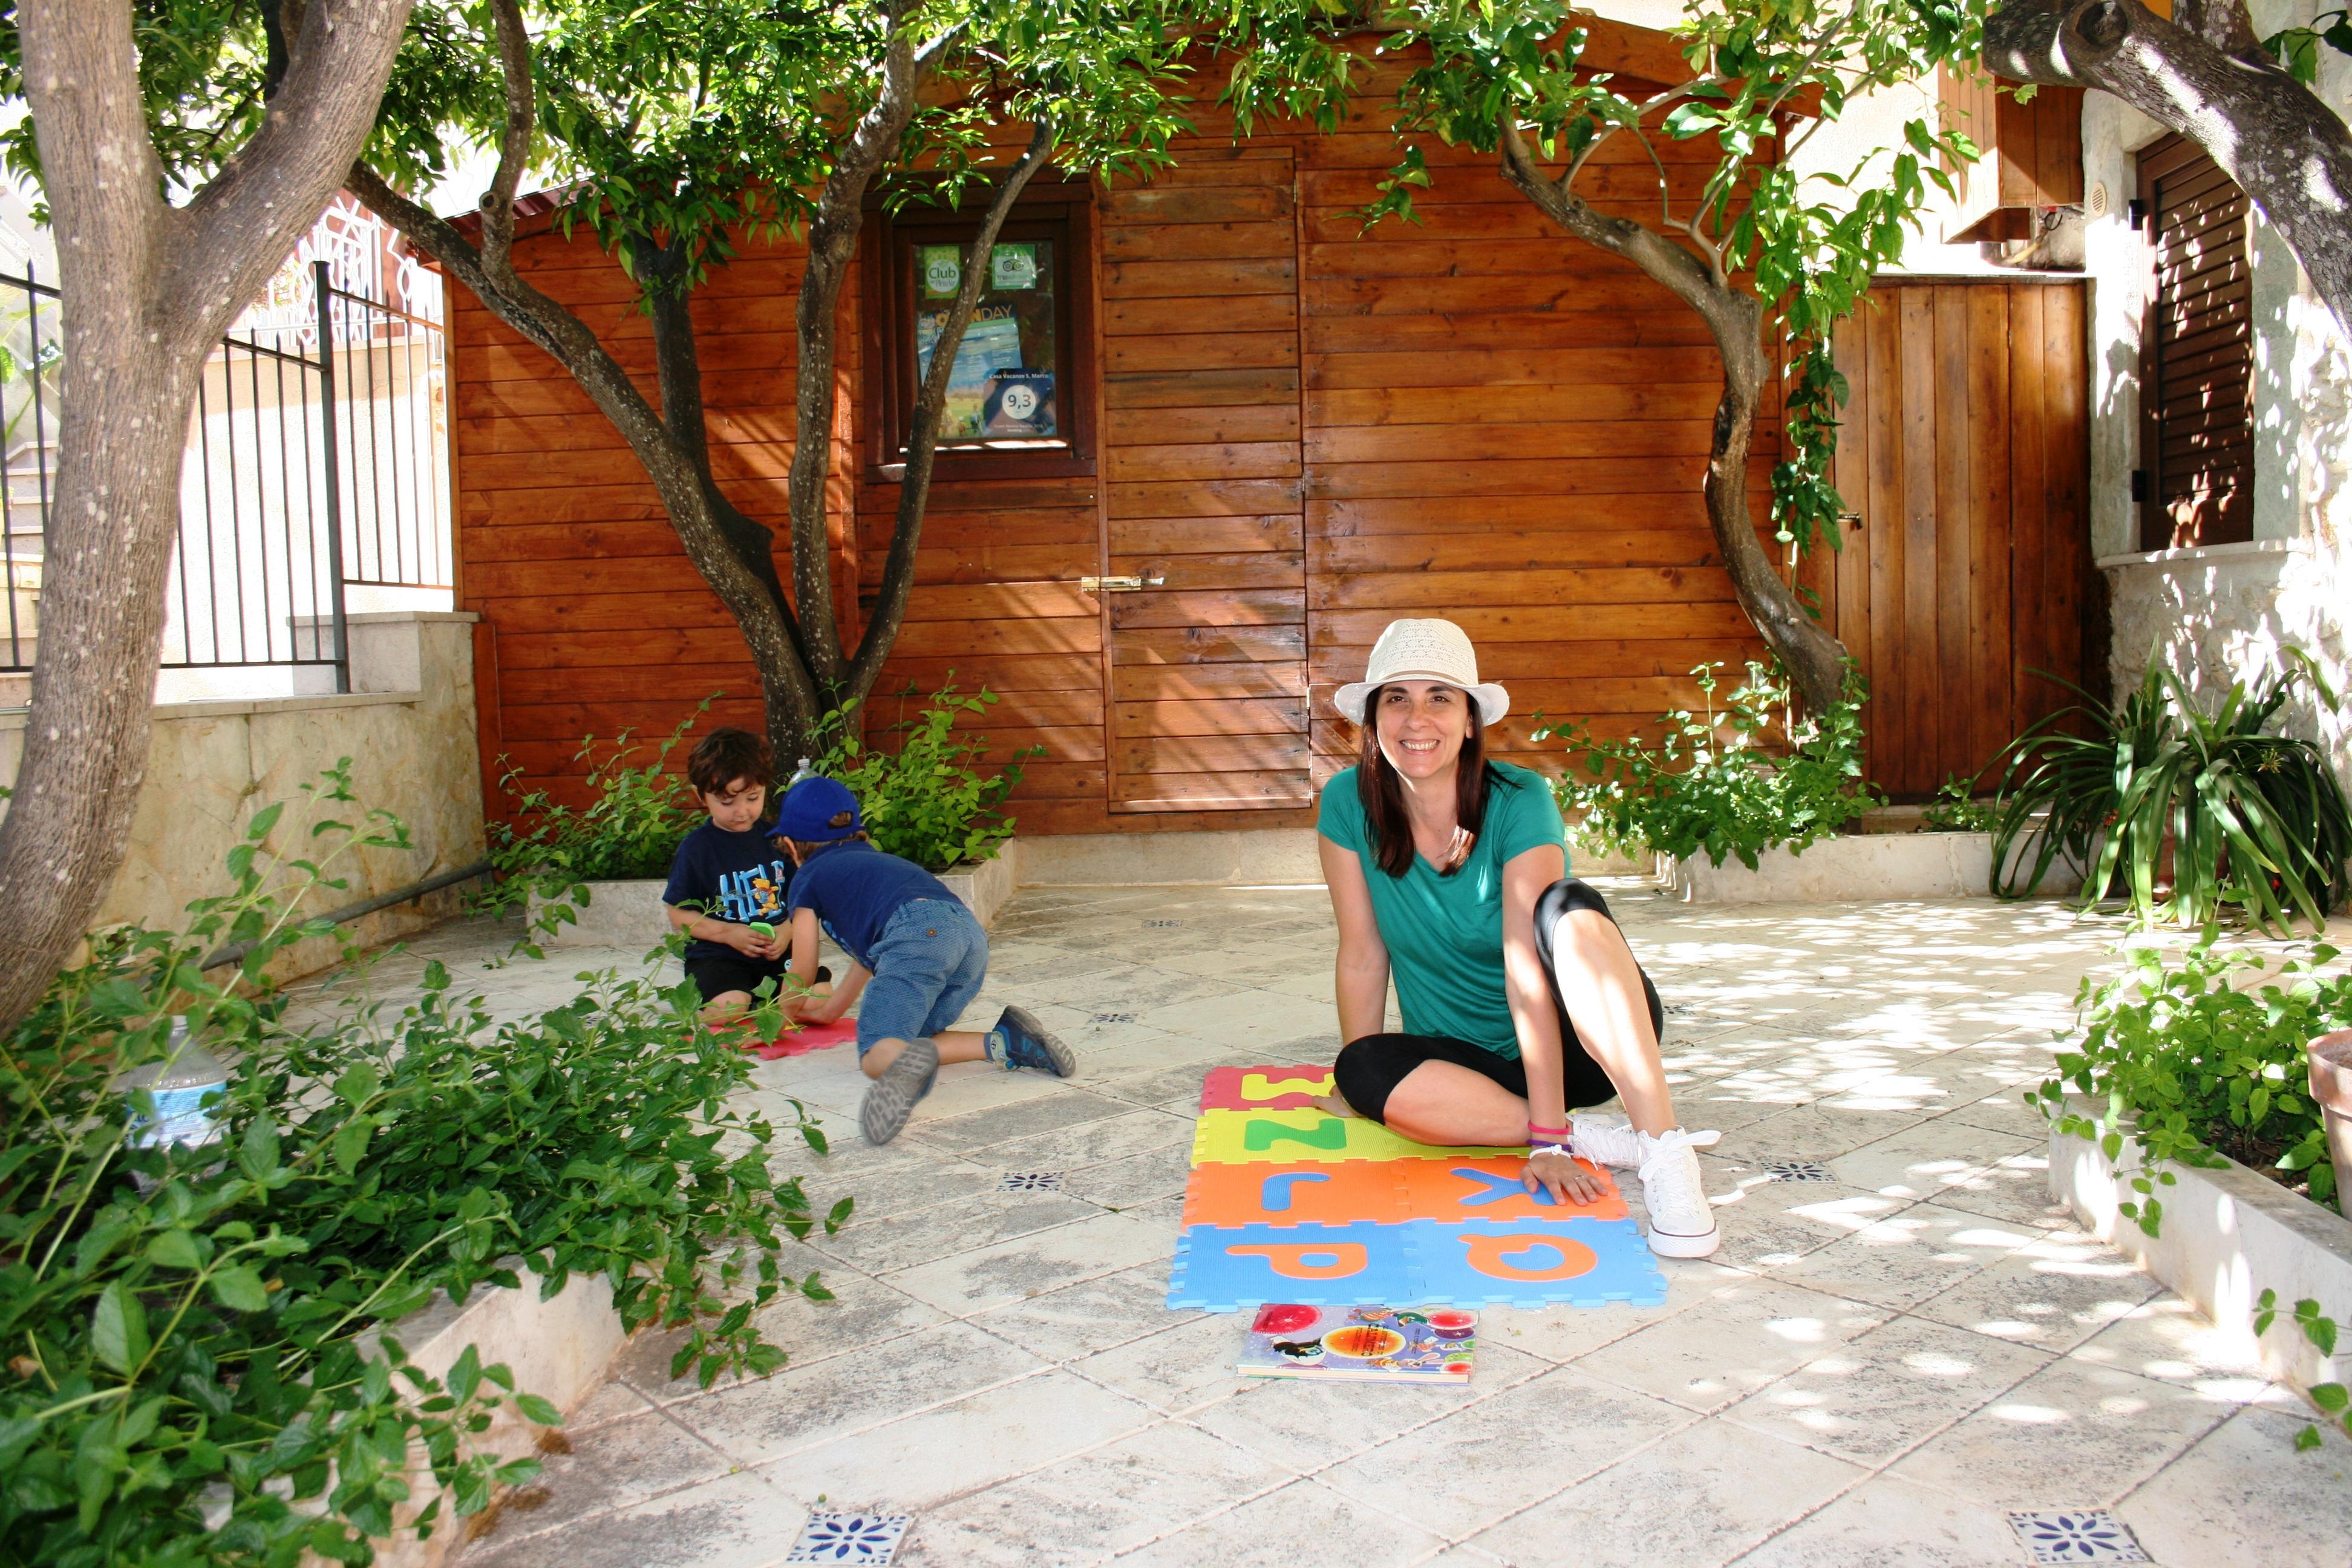 cortile in una casa vacanze a Erice durante una vacanza con i bambini